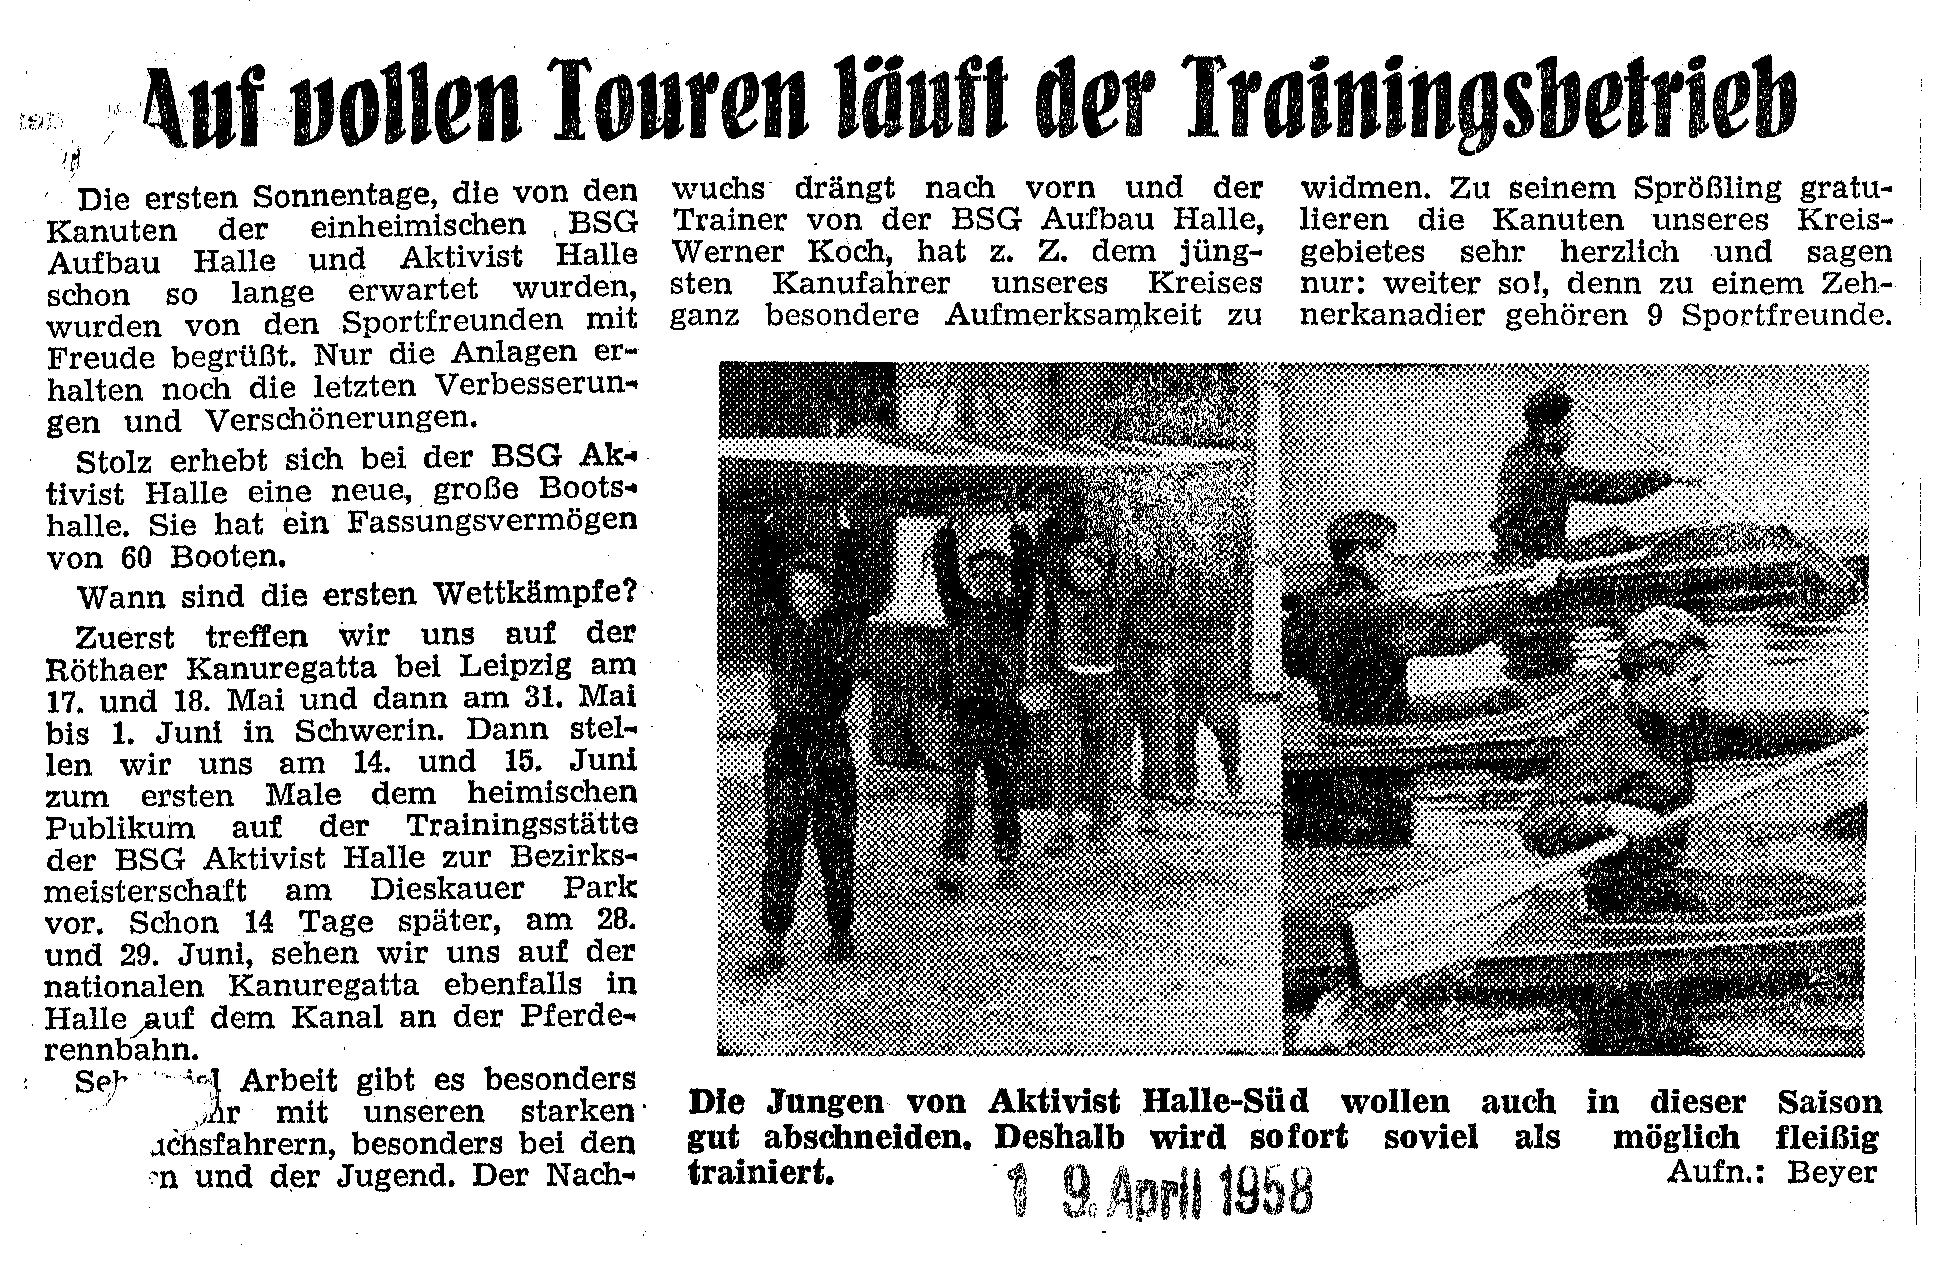 1958-04-19 Trasse Auf vollen Touren läuft der Trainingsbetrieb